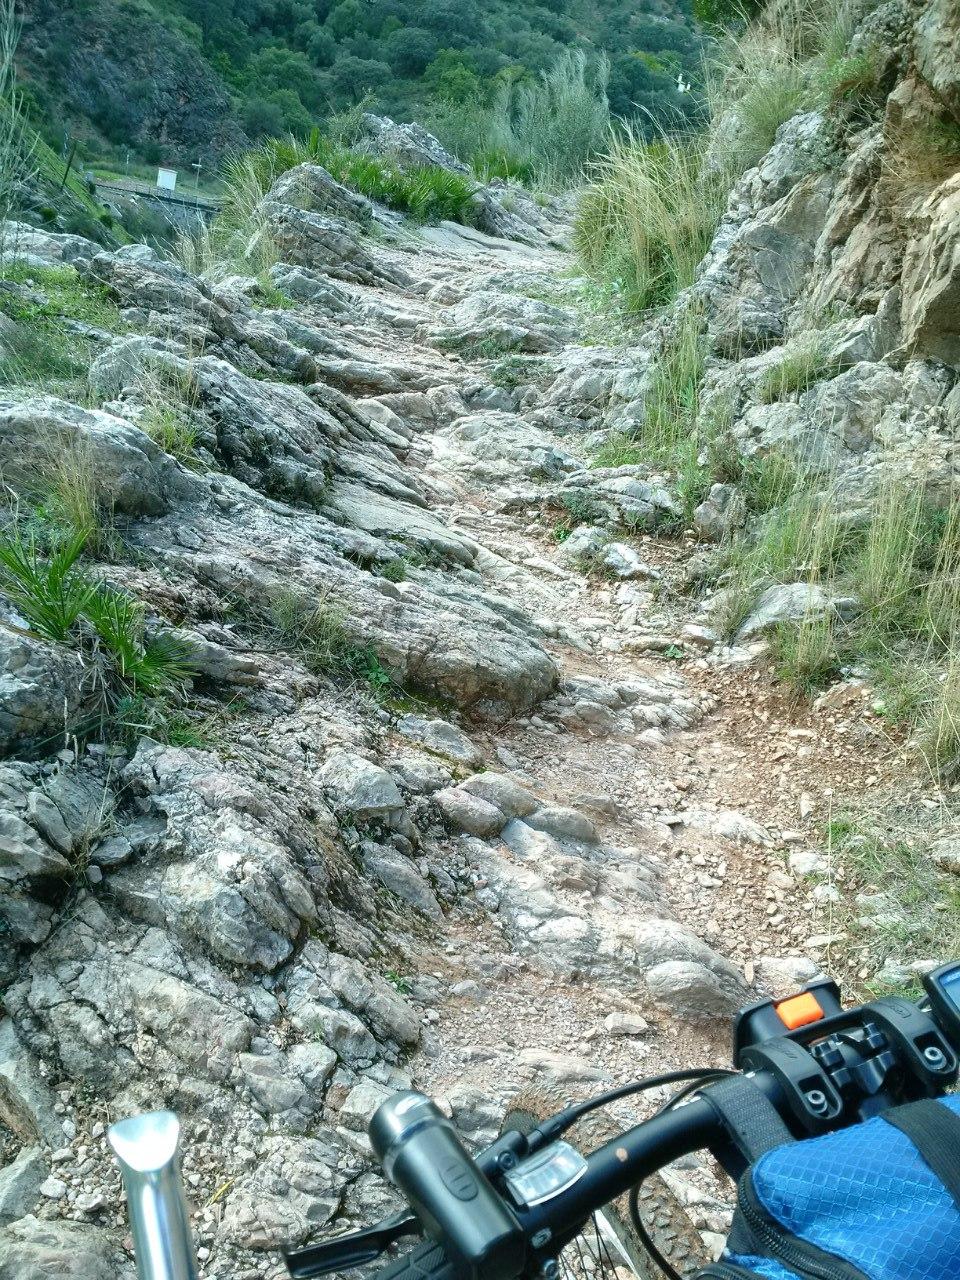 Андалусия. 7 дней в обнимку с велосипедом. (ноябрь 2015)